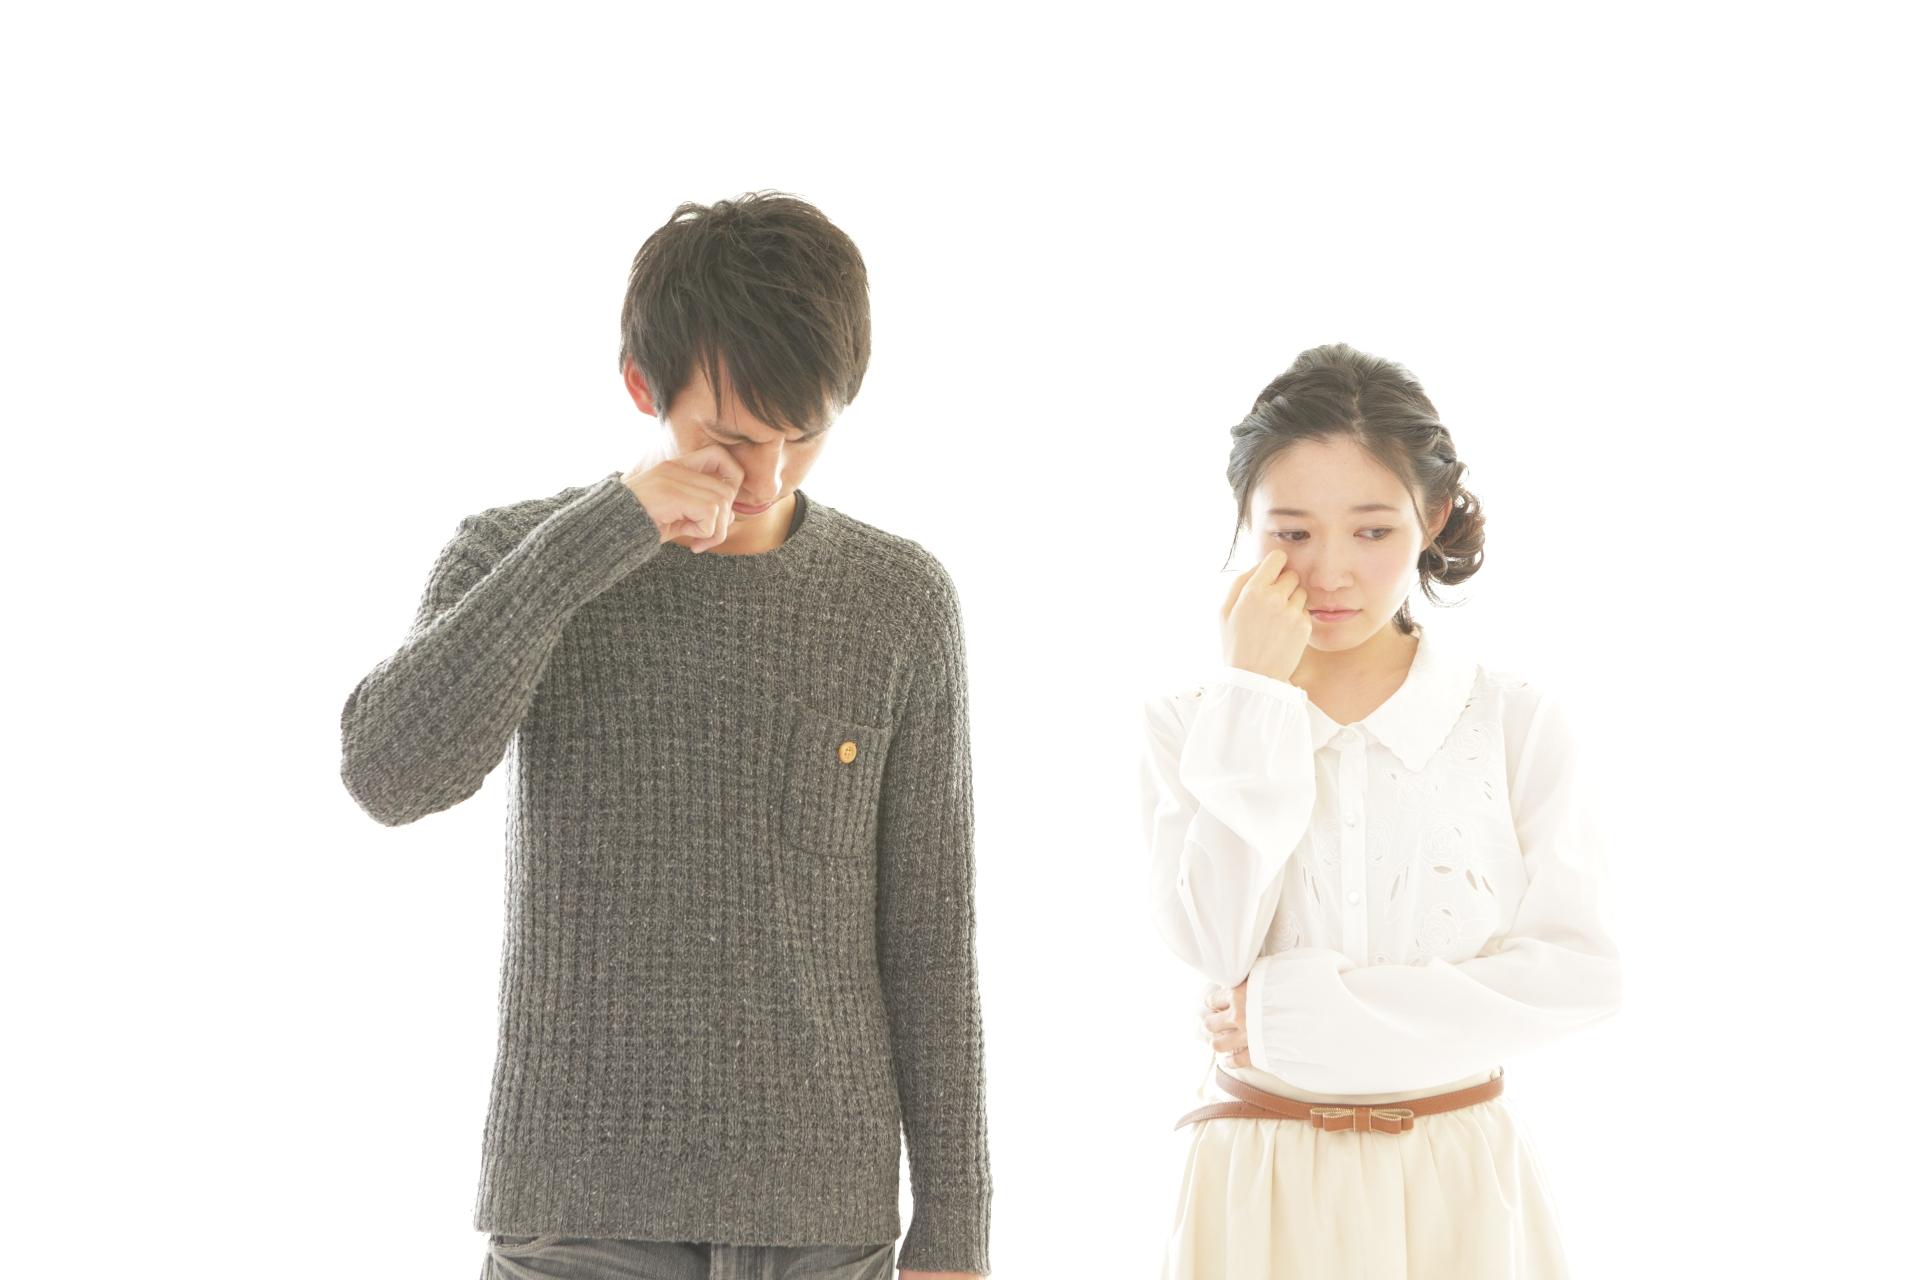 【恋愛診断】将来結婚して離婚する可能性を診断★心理テストで簡単診断